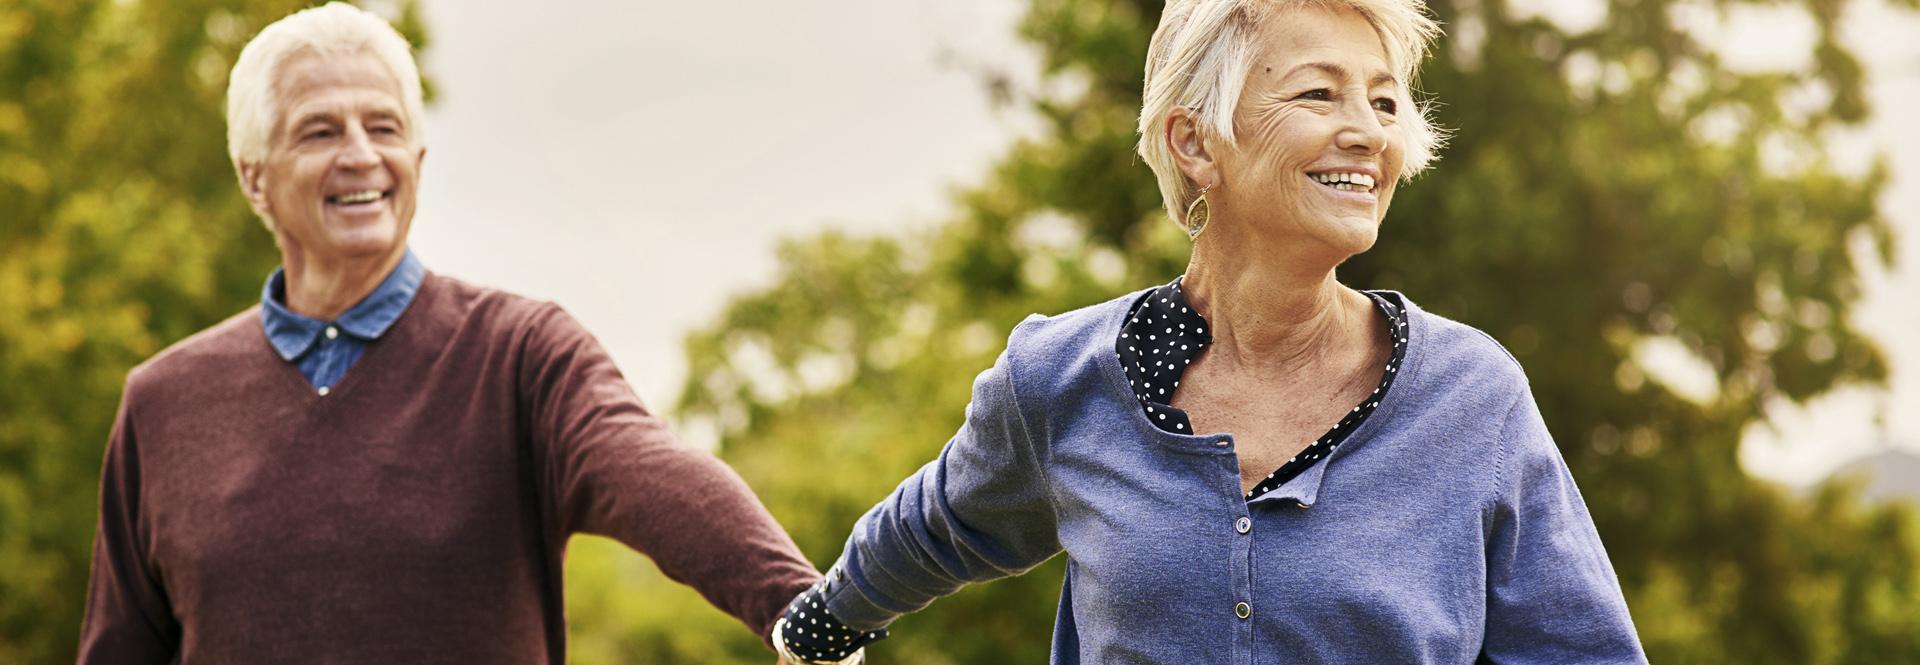 Couple de seniors heureux avance main dans la main